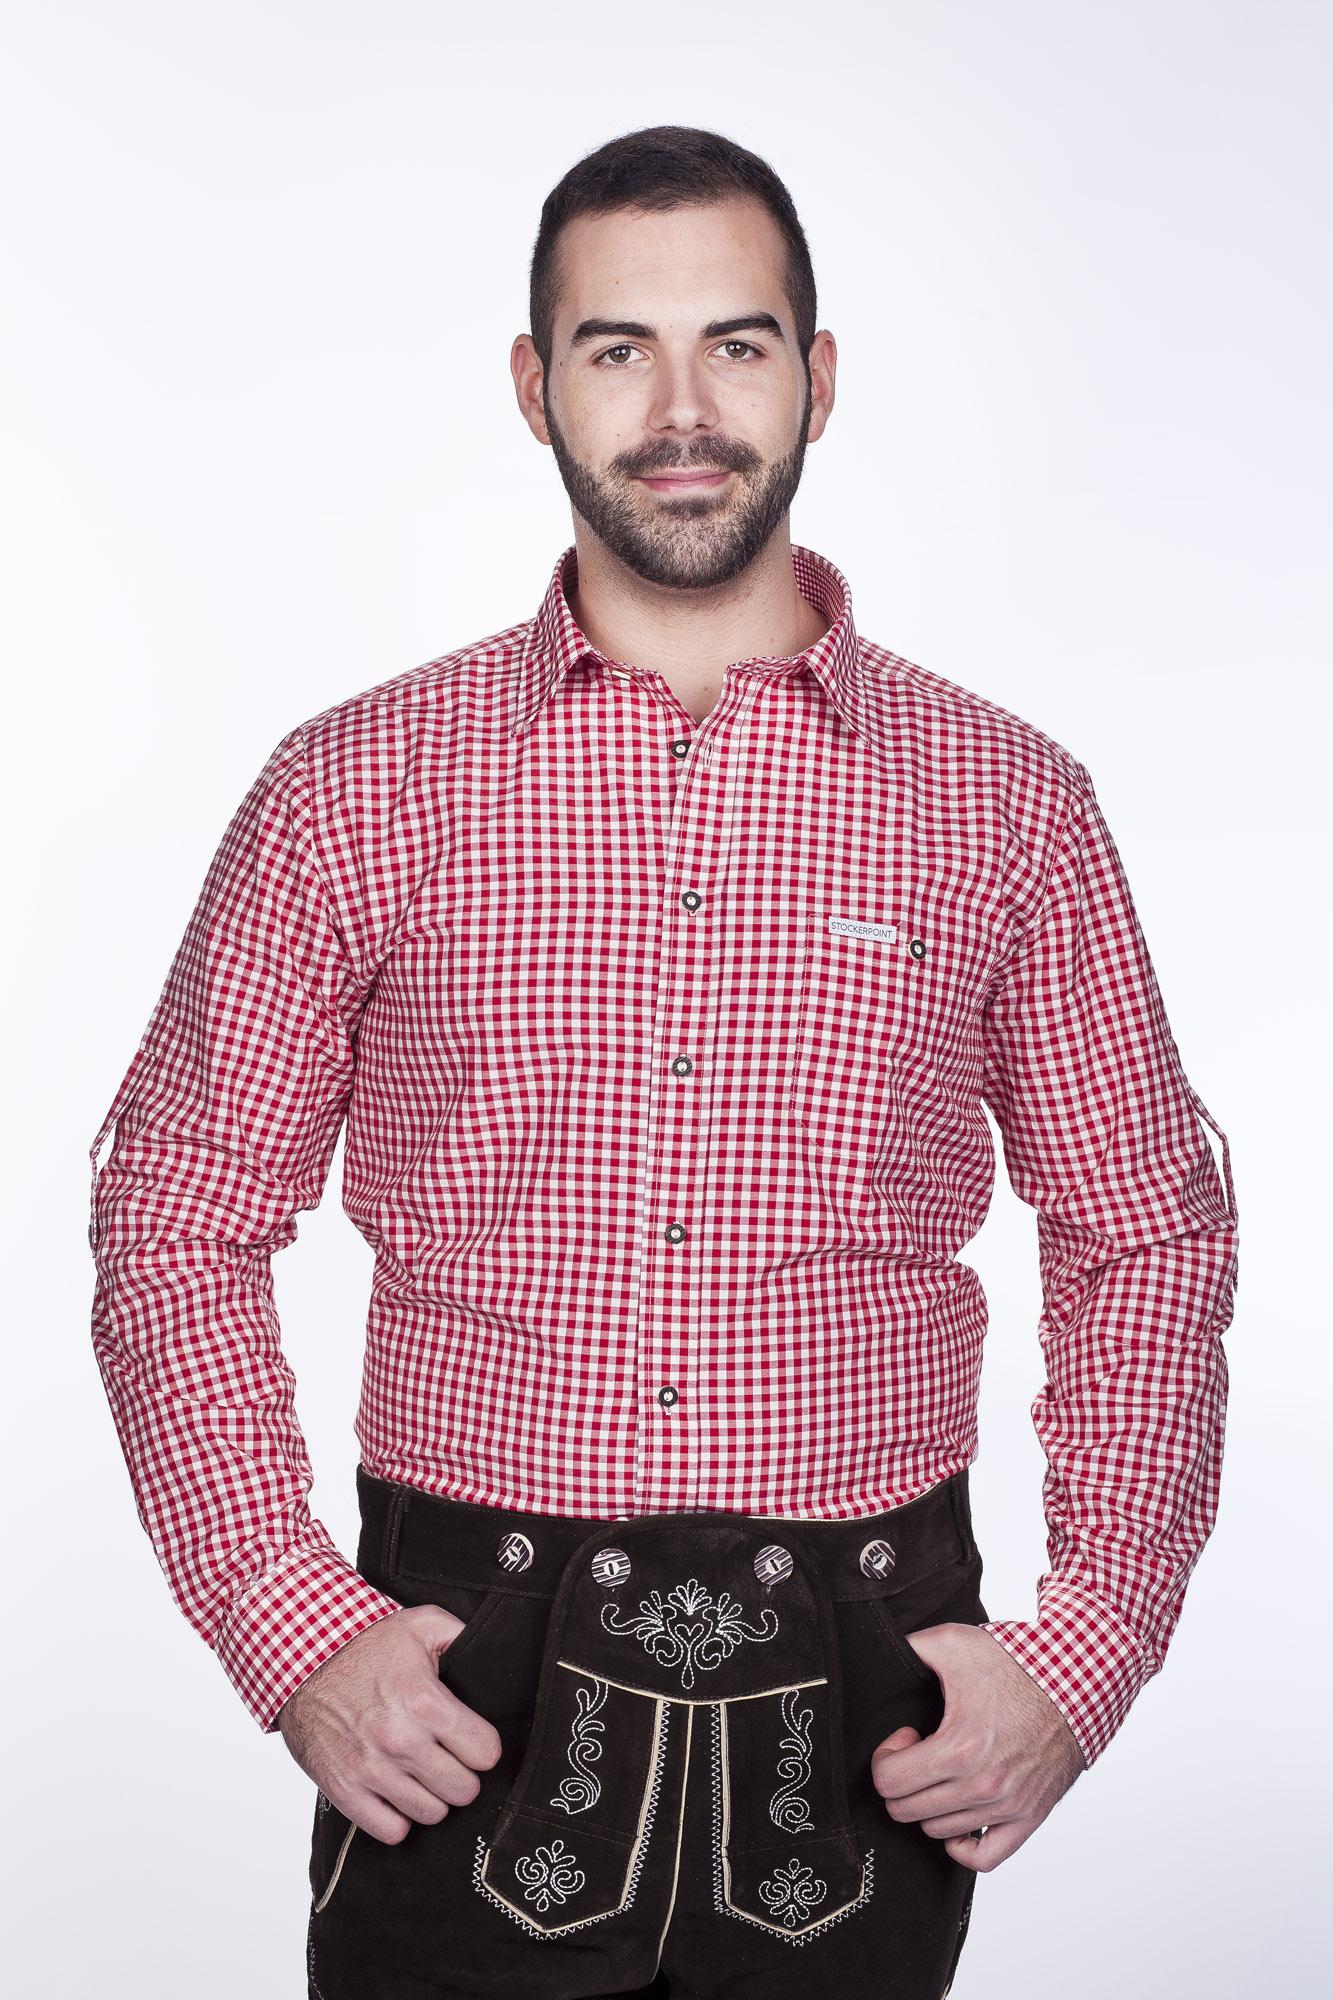 Oktoberfest In In Shirts Different Shirts Oktoberfest Styles 80wOPnkX